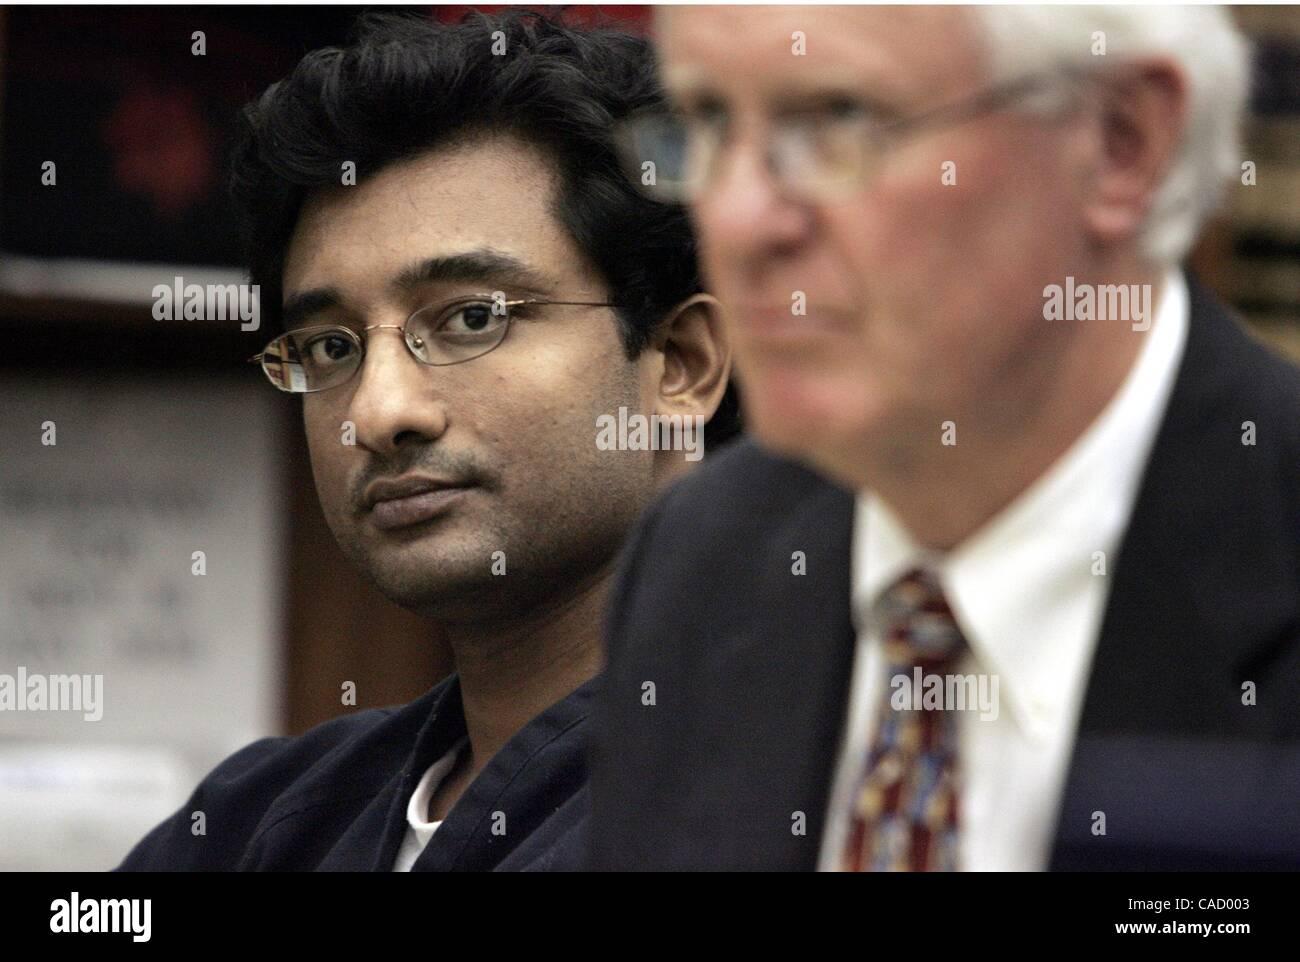 (Cropped mug published 2/21/2005, B-1) SLvarghese235234x001/Feb 14---At left, Bilji Varghese is accused of killing - Stock Image